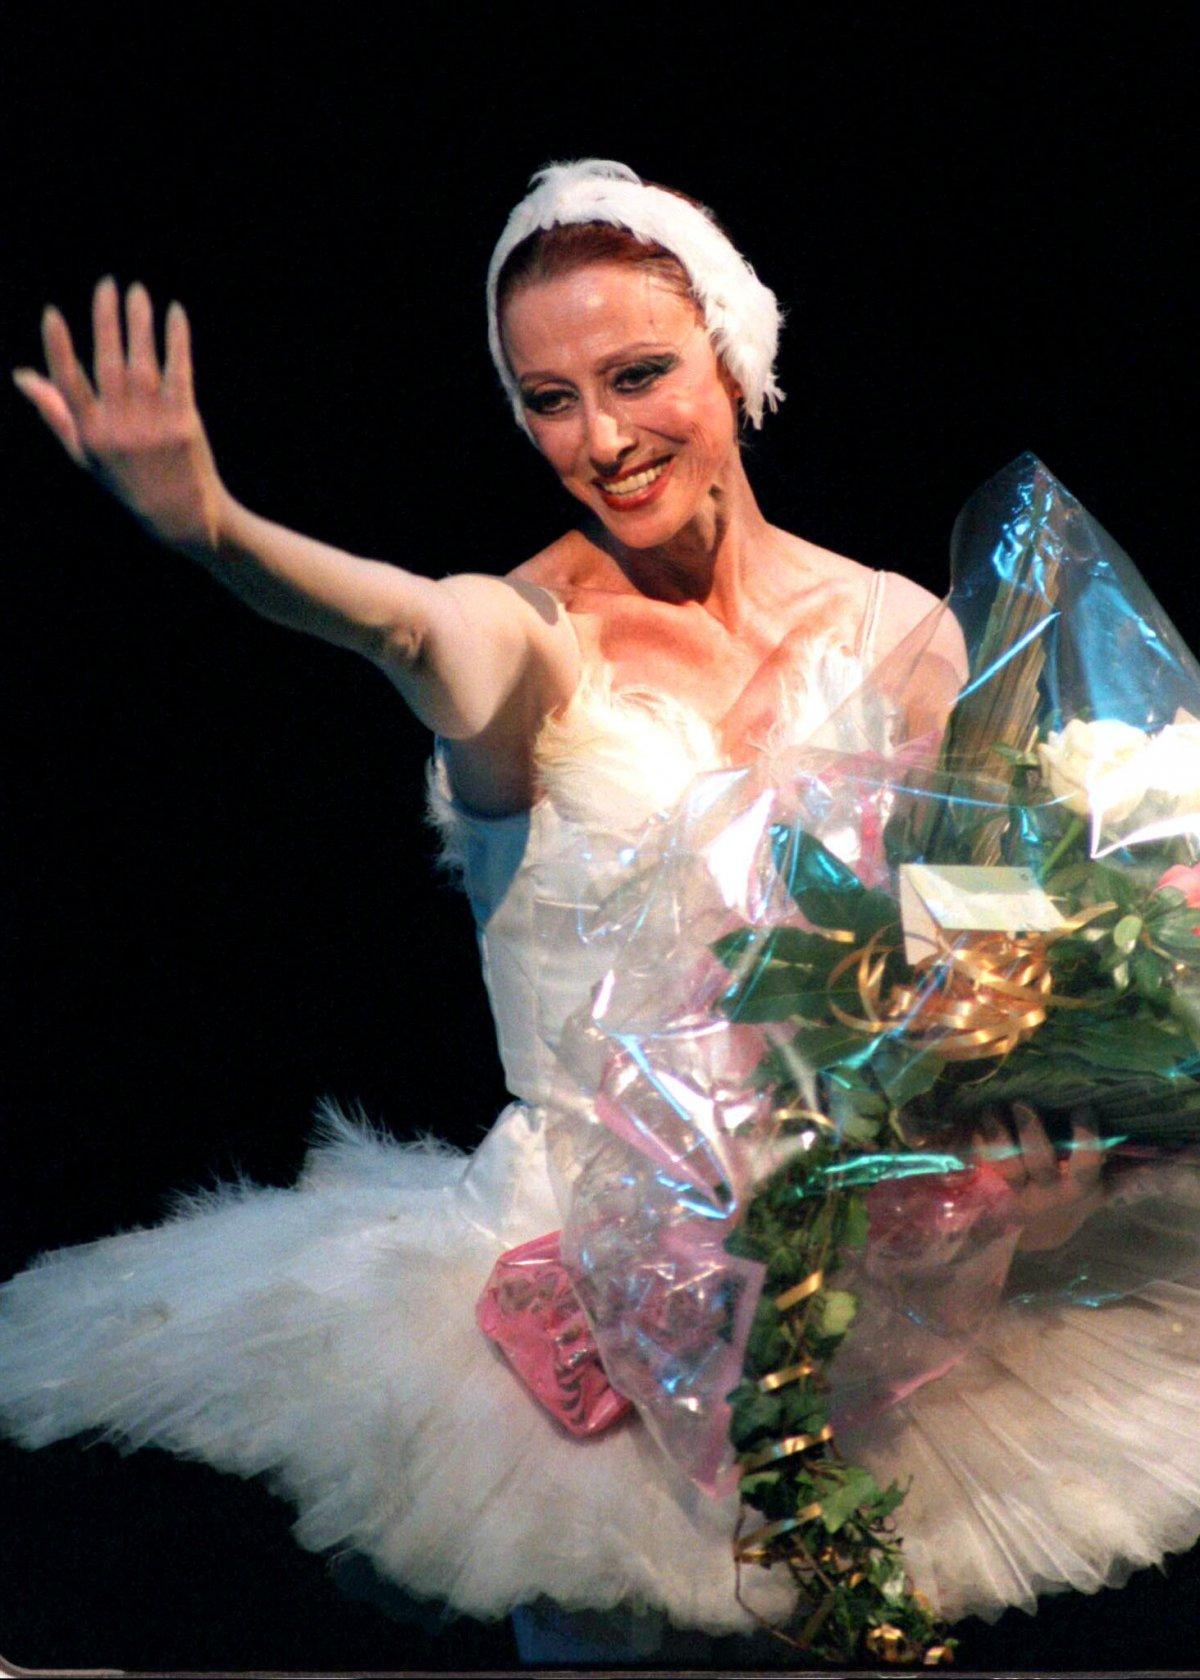 Легендарная балерина Майя Плисецкая во время гала-концерта в Большом театре, который был посвящен ее